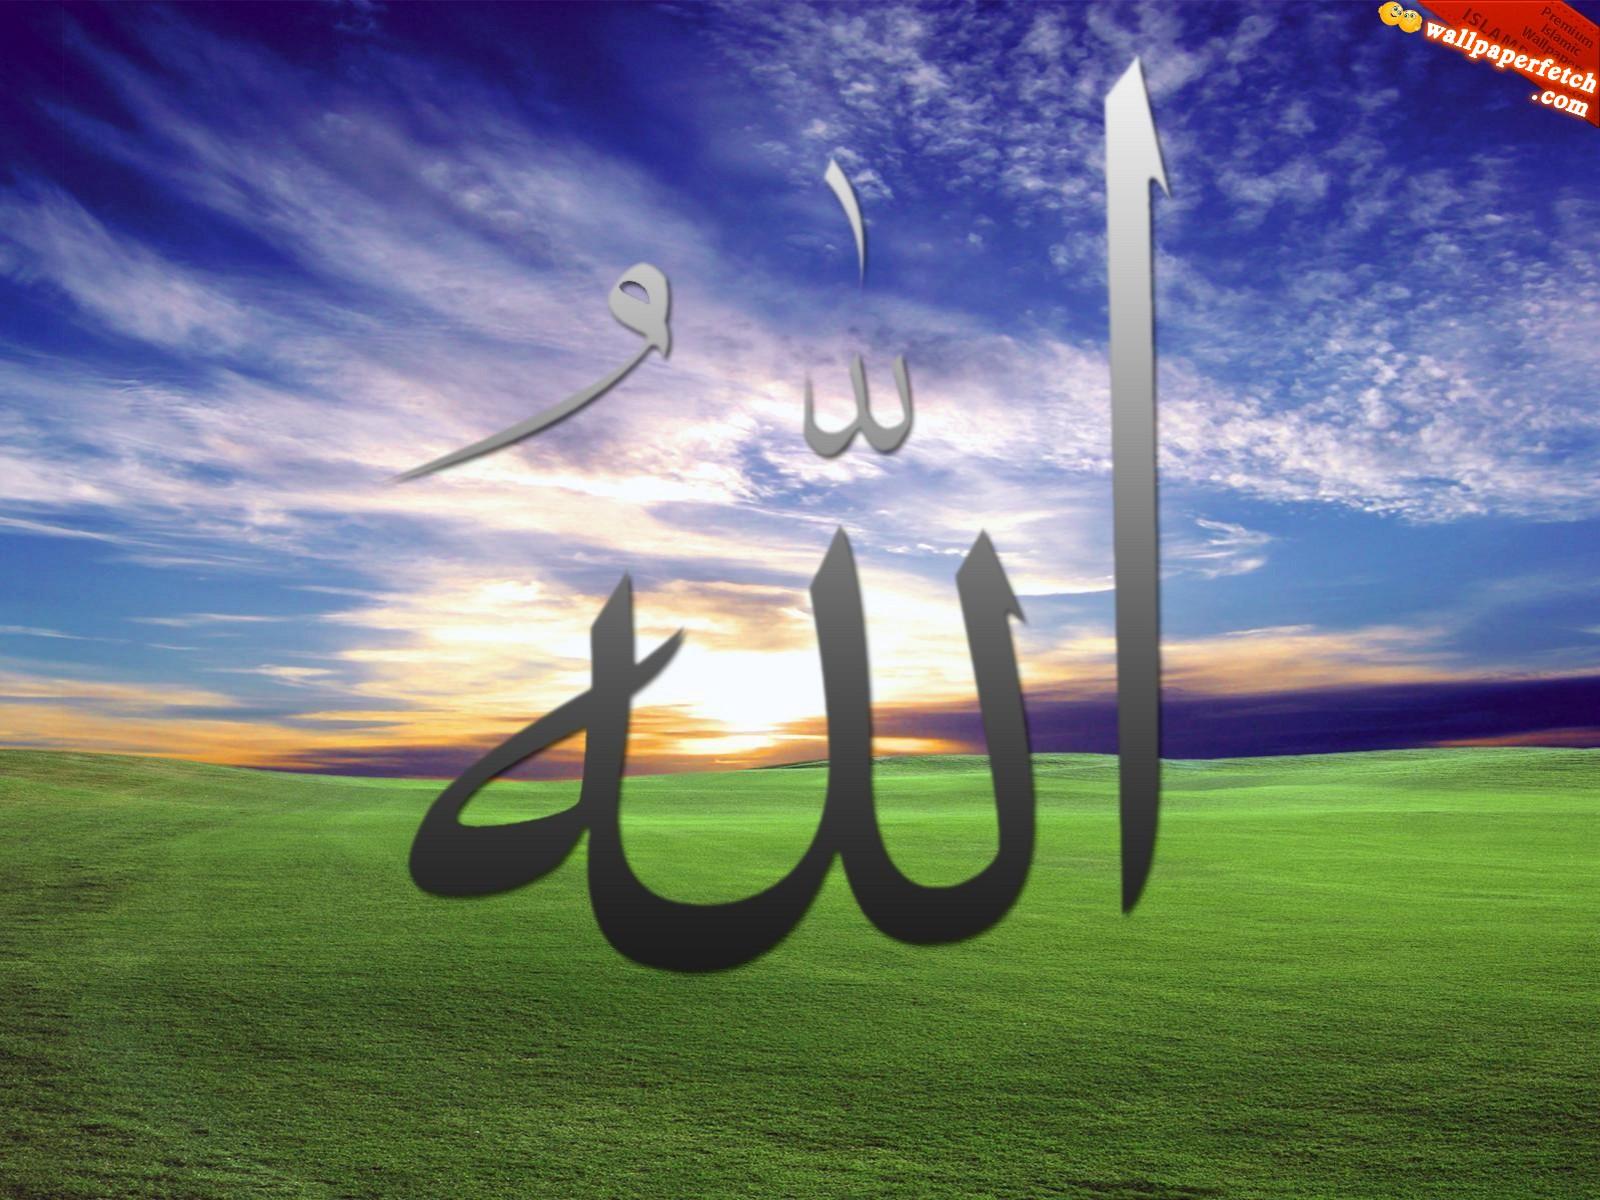 Картинки, картинки аллах велик с надписями и полумесяцем бровь